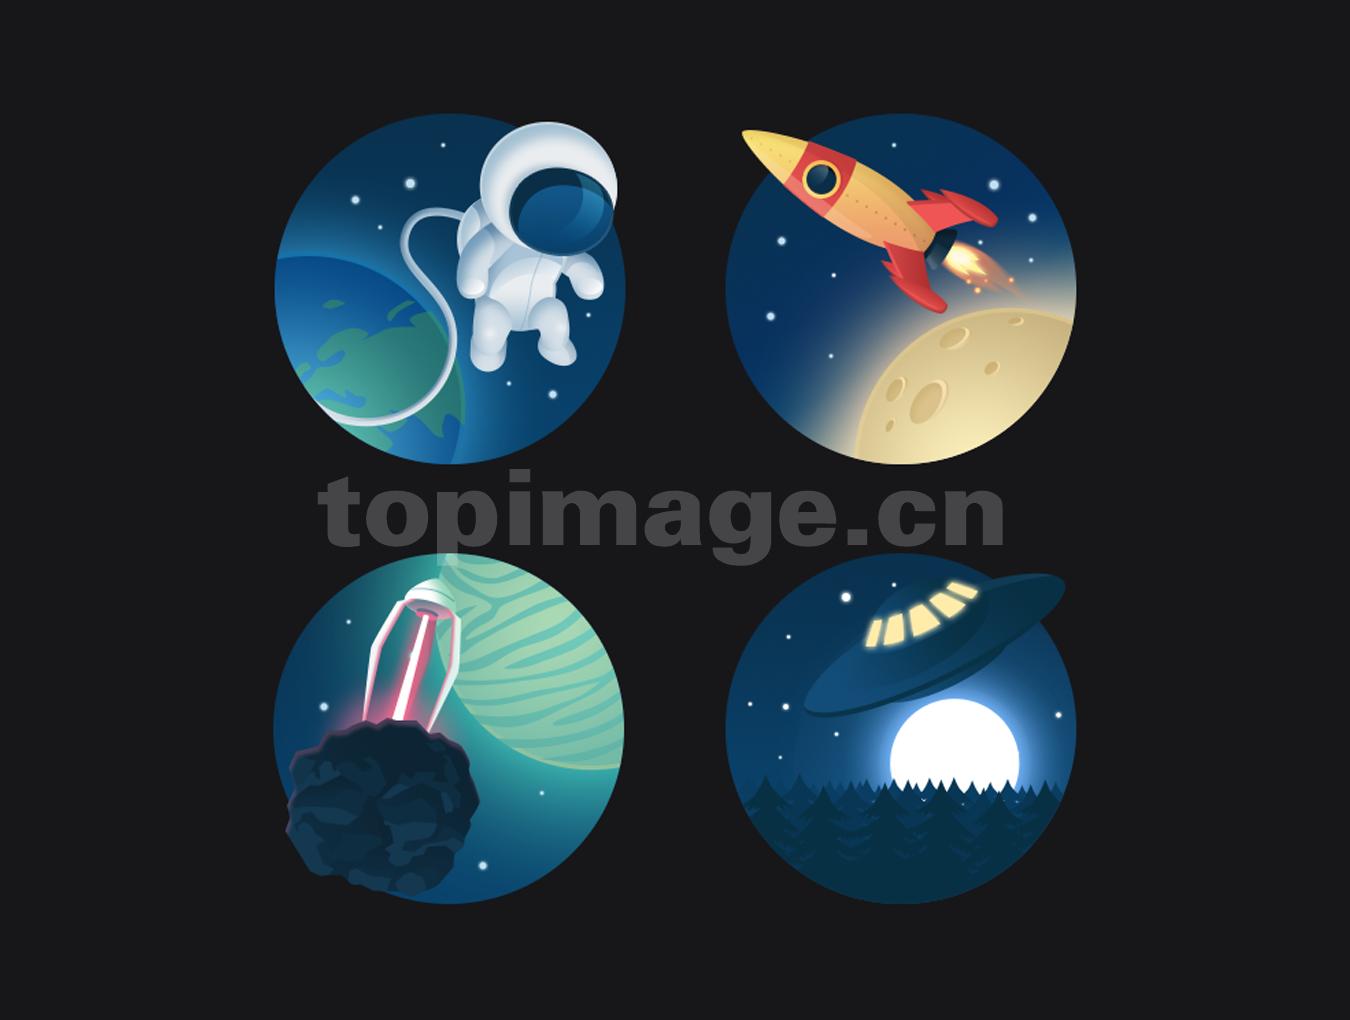 太空宇航员外星人梦幻星空火箭icon 图标下载